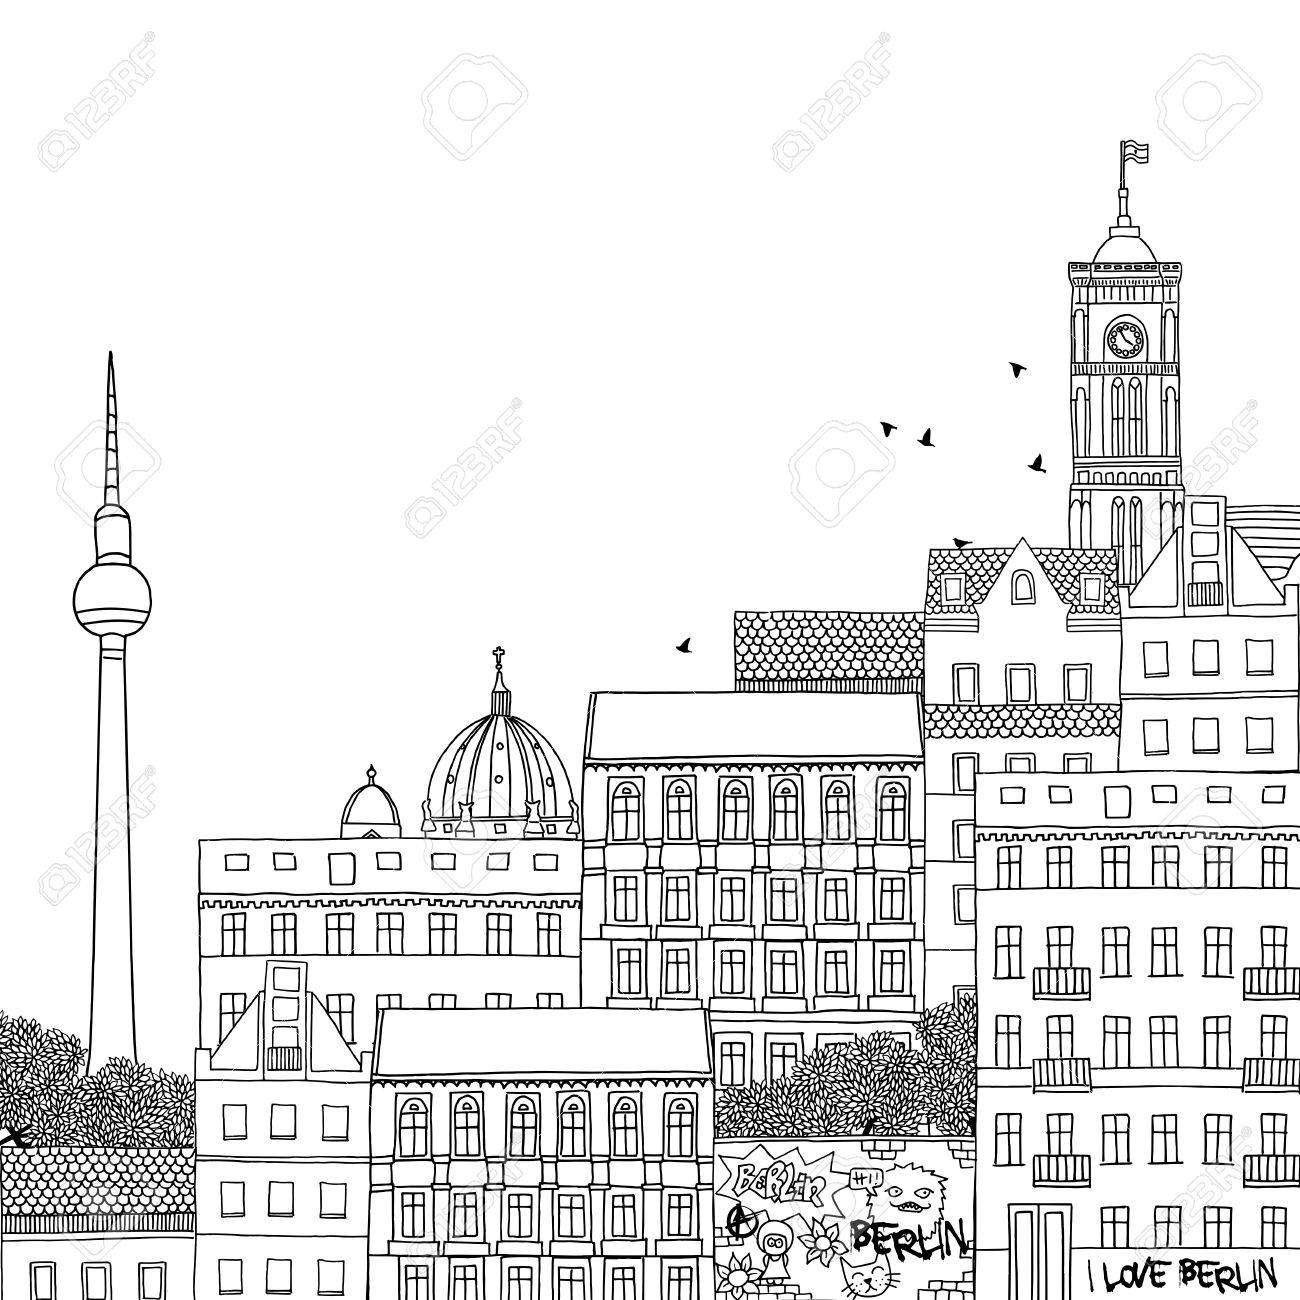 Hand Gezeichnet Schwarz Weiß Abbildung Von Berlin Lizenzfrei